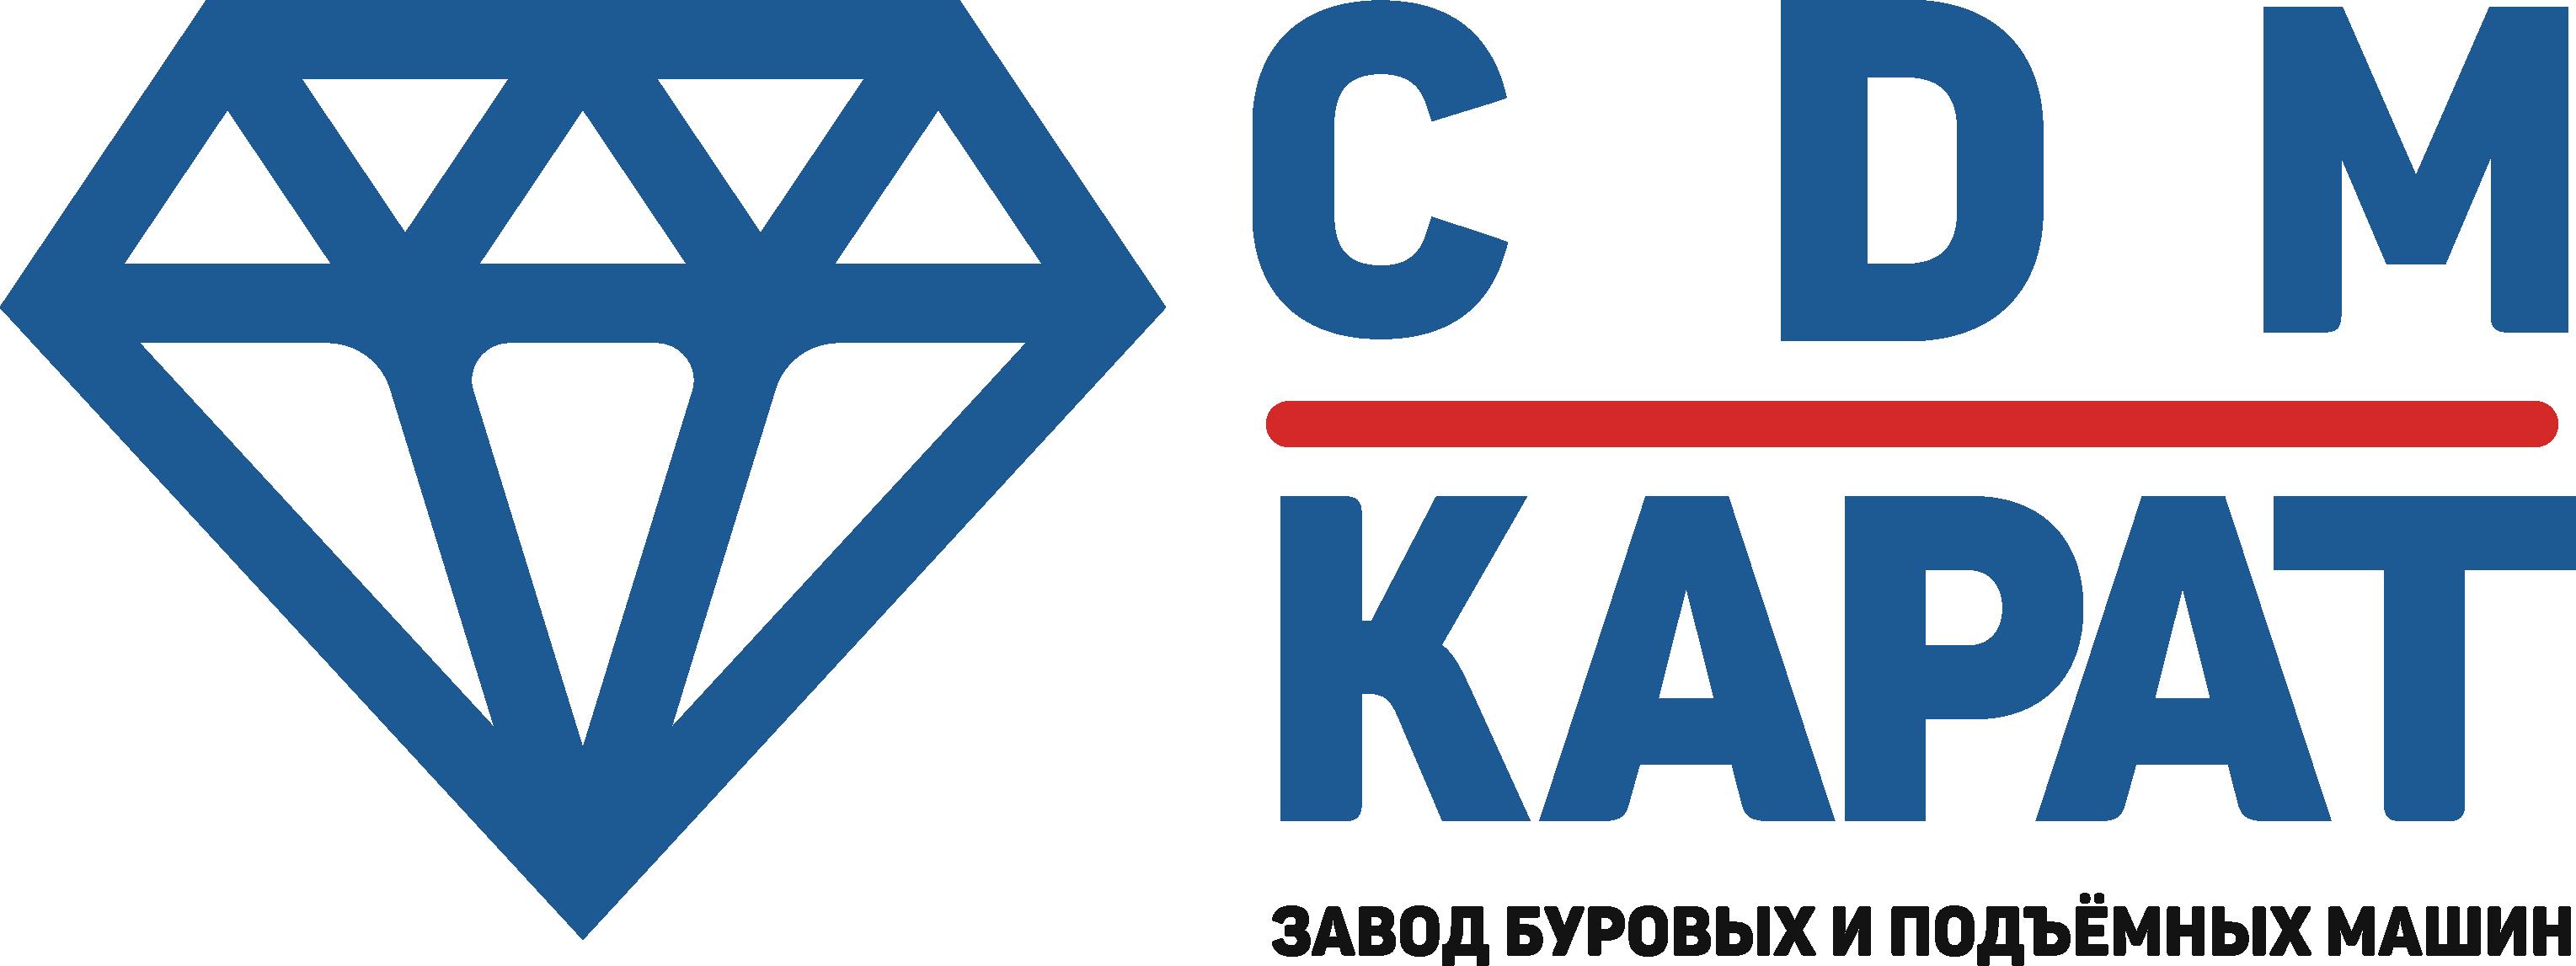 Завод спецтехники «СДМ-КАРАТ»